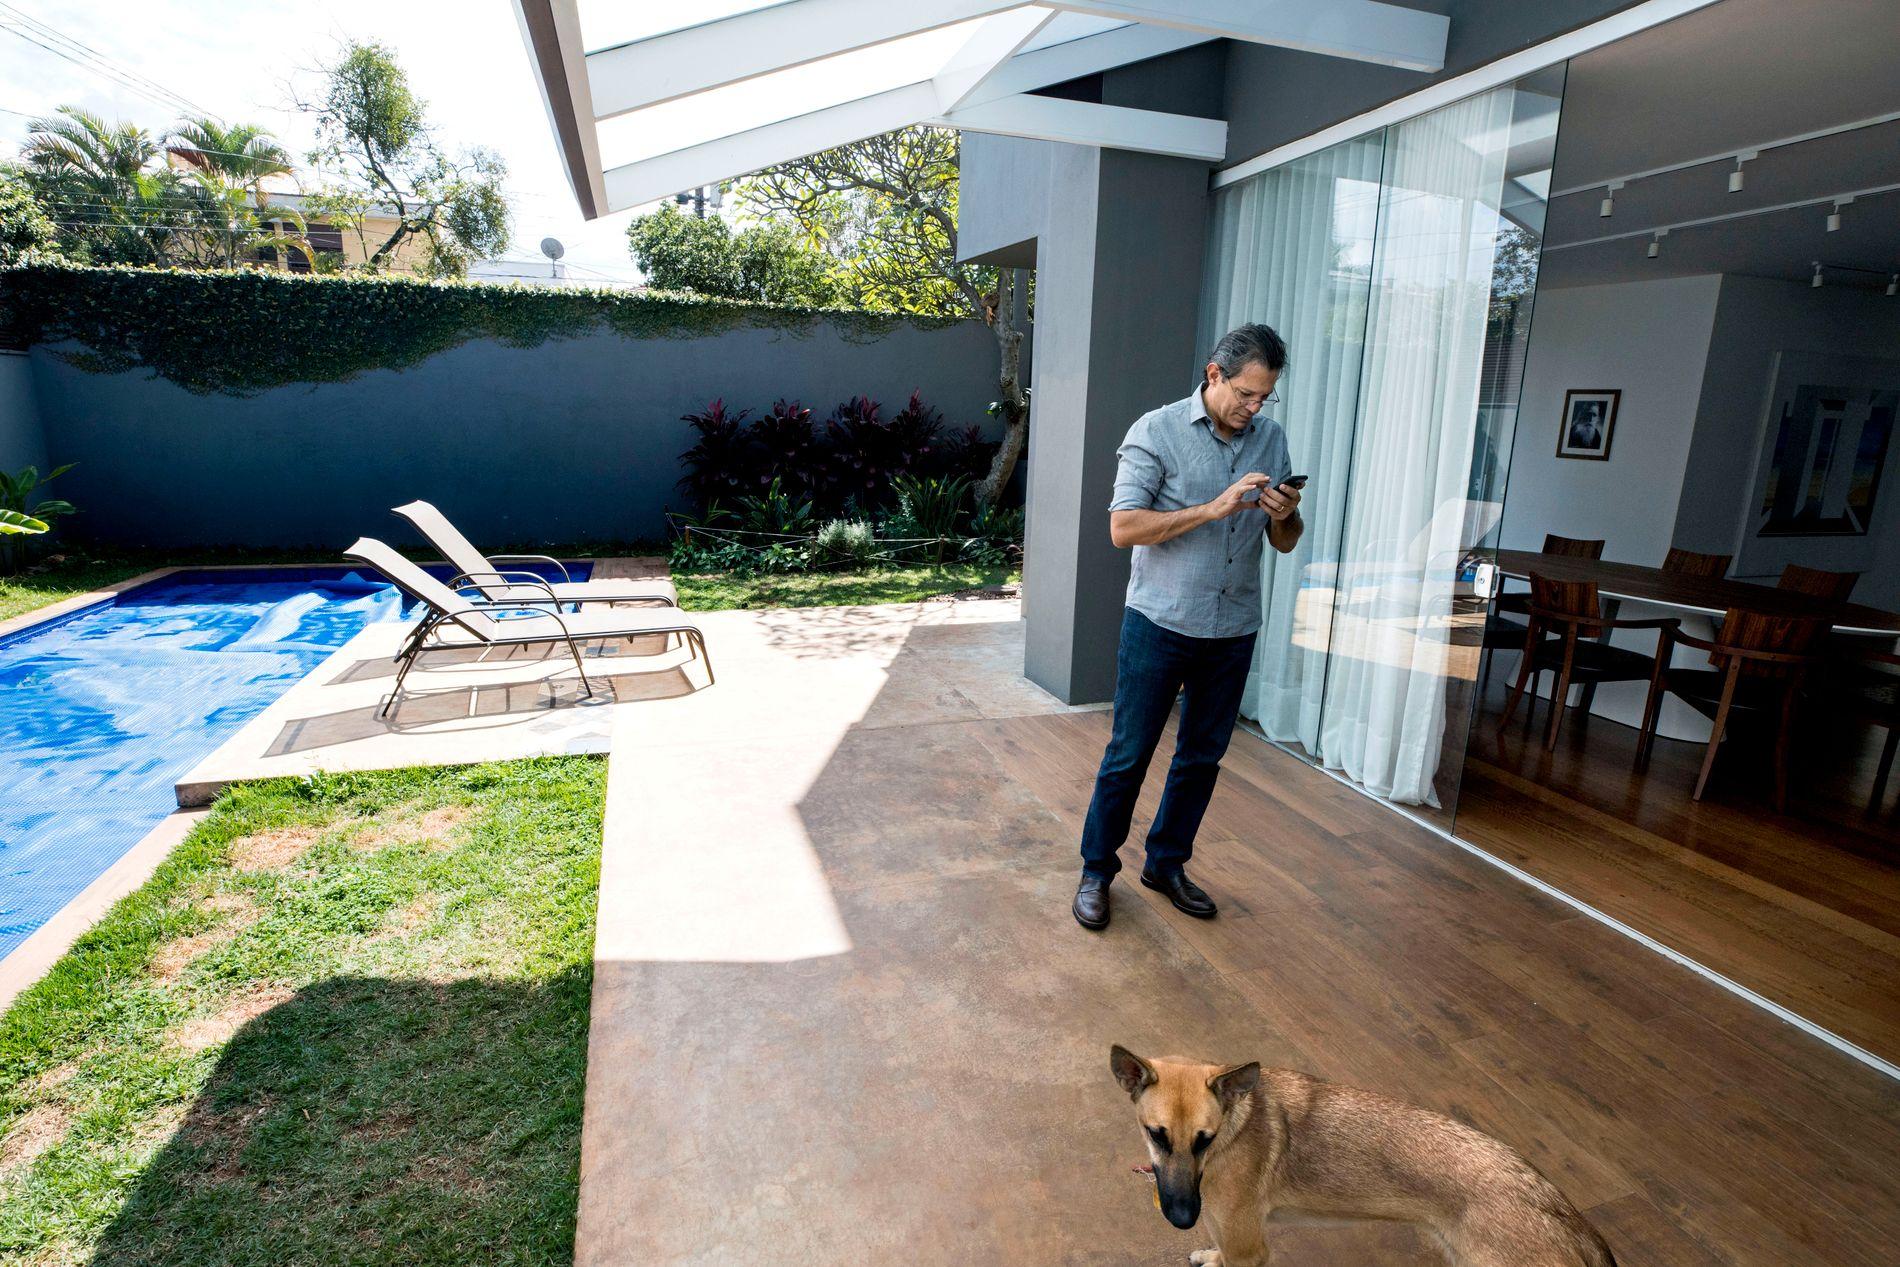 ET NYTT LIV: Fernando Haddad hjemme i privatboligen sin i Sao Paulo. Han har brukt tiden etter valgnederlaget til å reise rundt og snakke om brasiliansk demokrati. Etter 16 år i politikken sier han at det er deilig å ha litt fri fra partijobben.